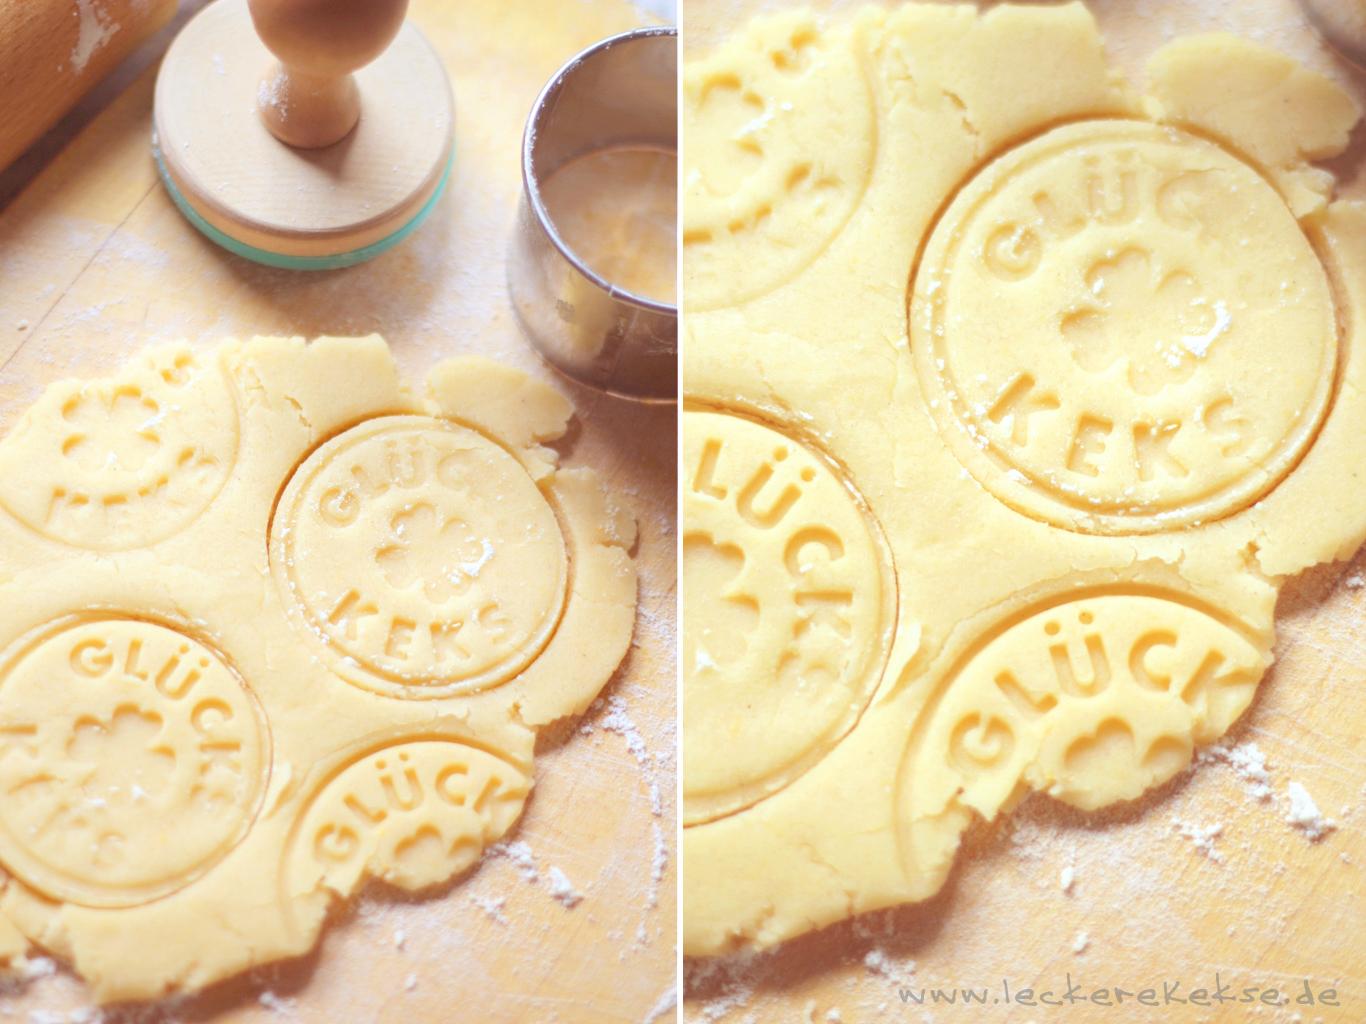 Stempeln der Kekse